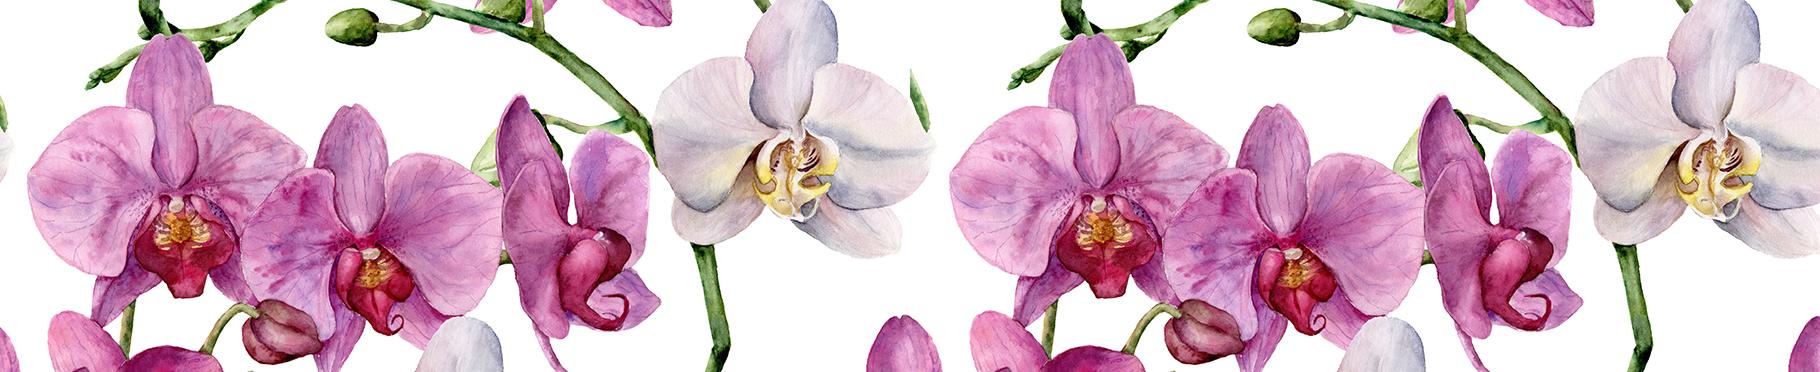 Naklejka storczyki białe i fioletowe